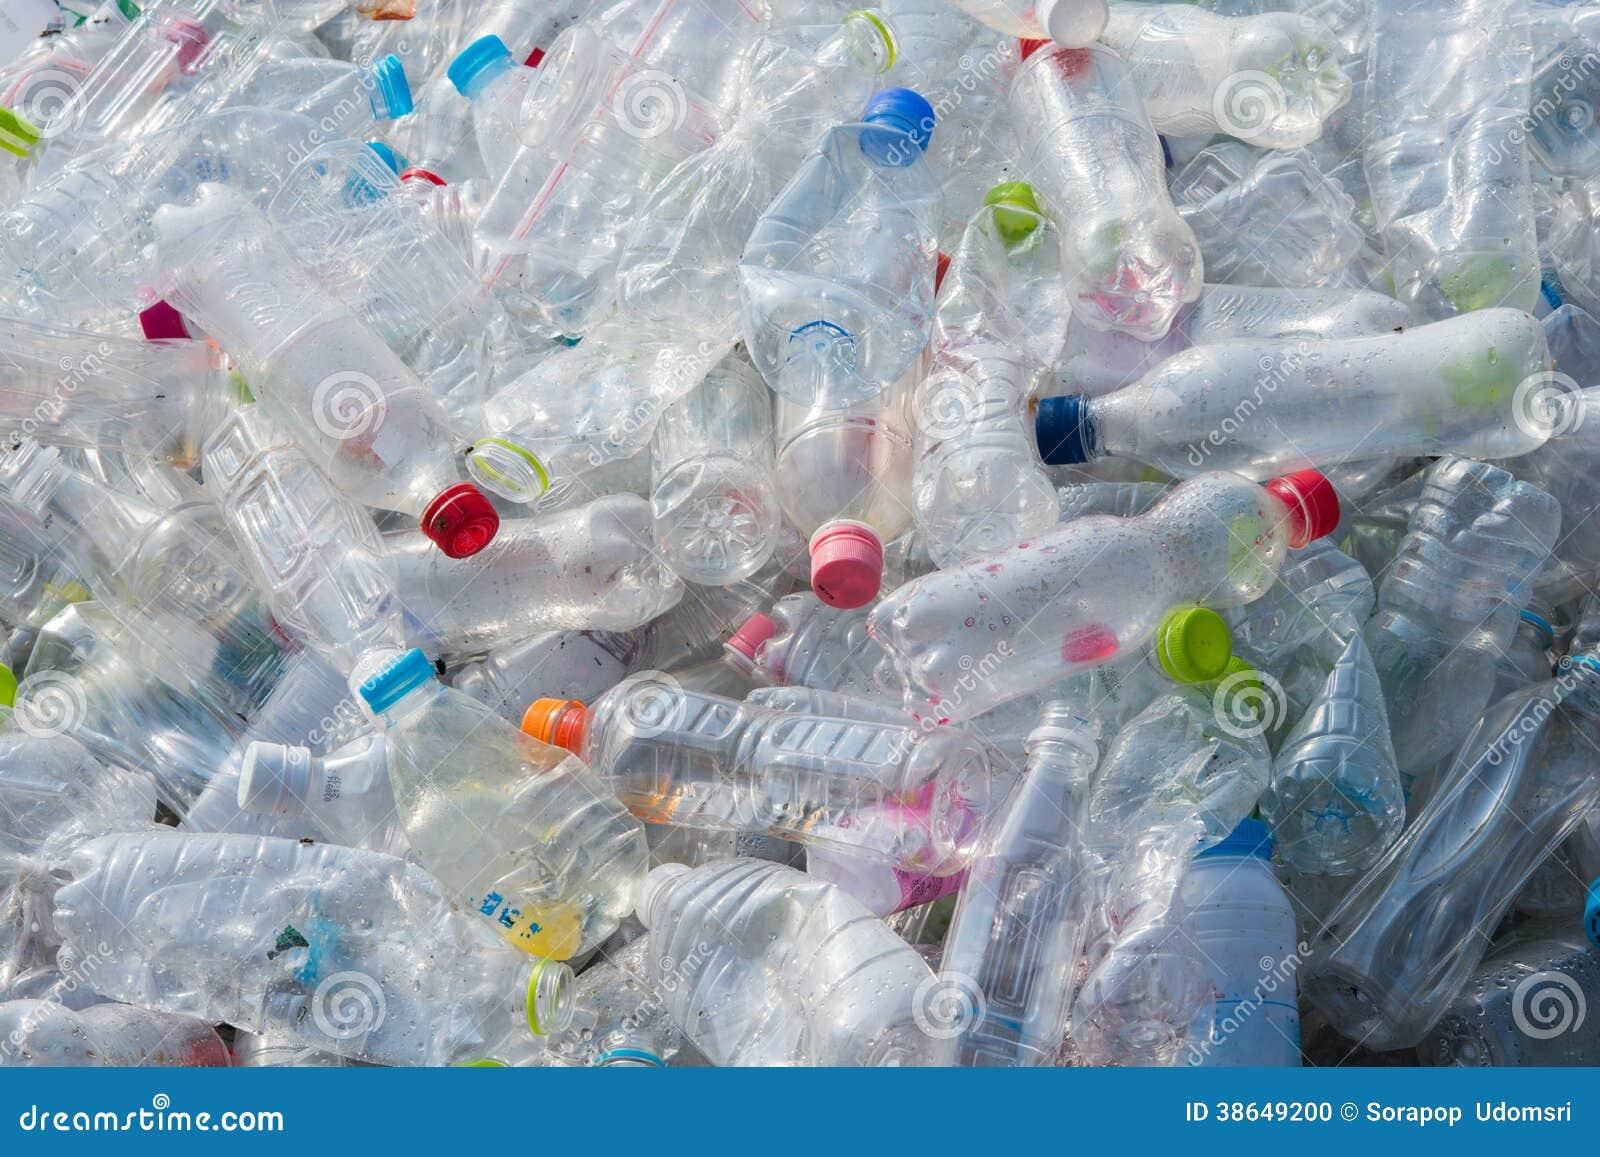 Bereiten Sie Plastikwasserflaschen auf